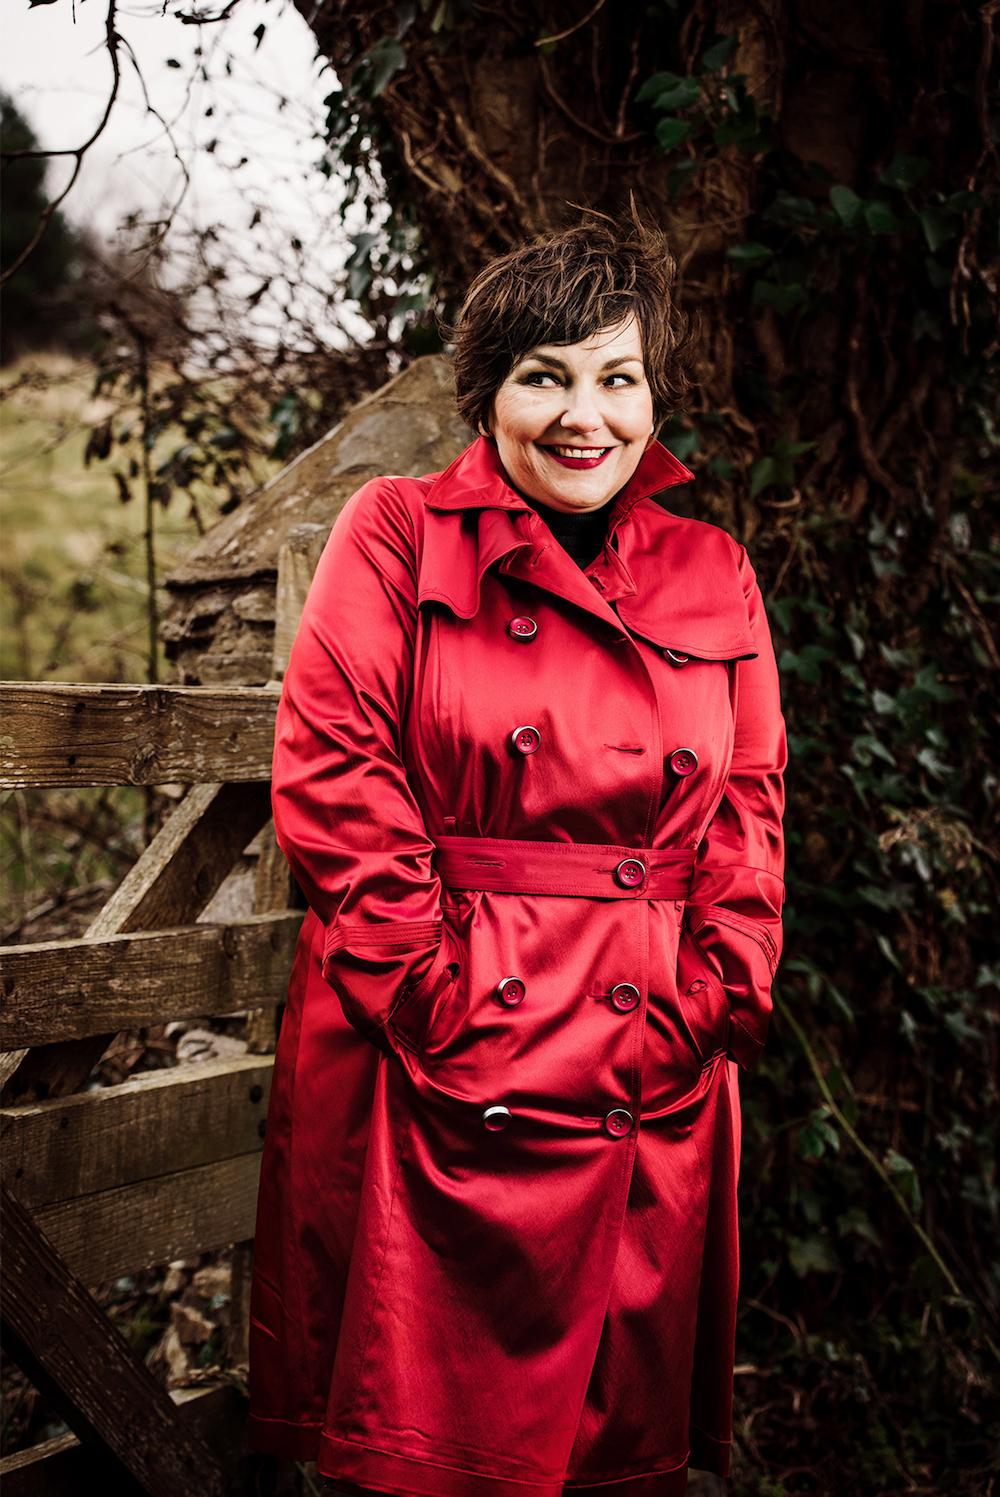 Trau dich anders zu sein. Warum es gut tut, den Mainstream zu verlassen. Texterella Susanne Ackstaller schreibt auf ihrem Blog über Lifestyle und Mode für Frauen ab 40 und ab 50.